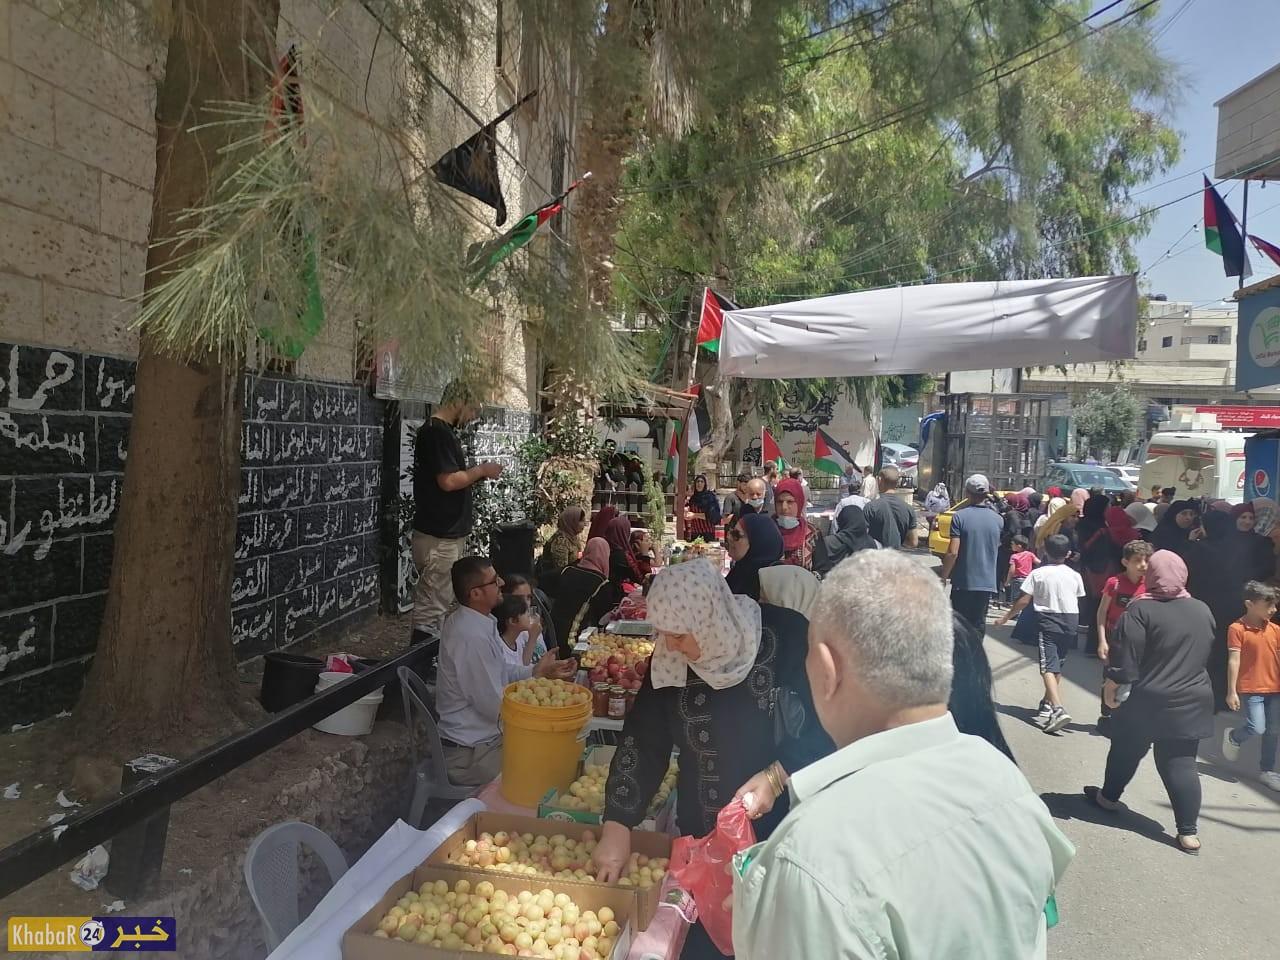 افتتاح بازار لدعم المنتج الوطني في بيت لحم